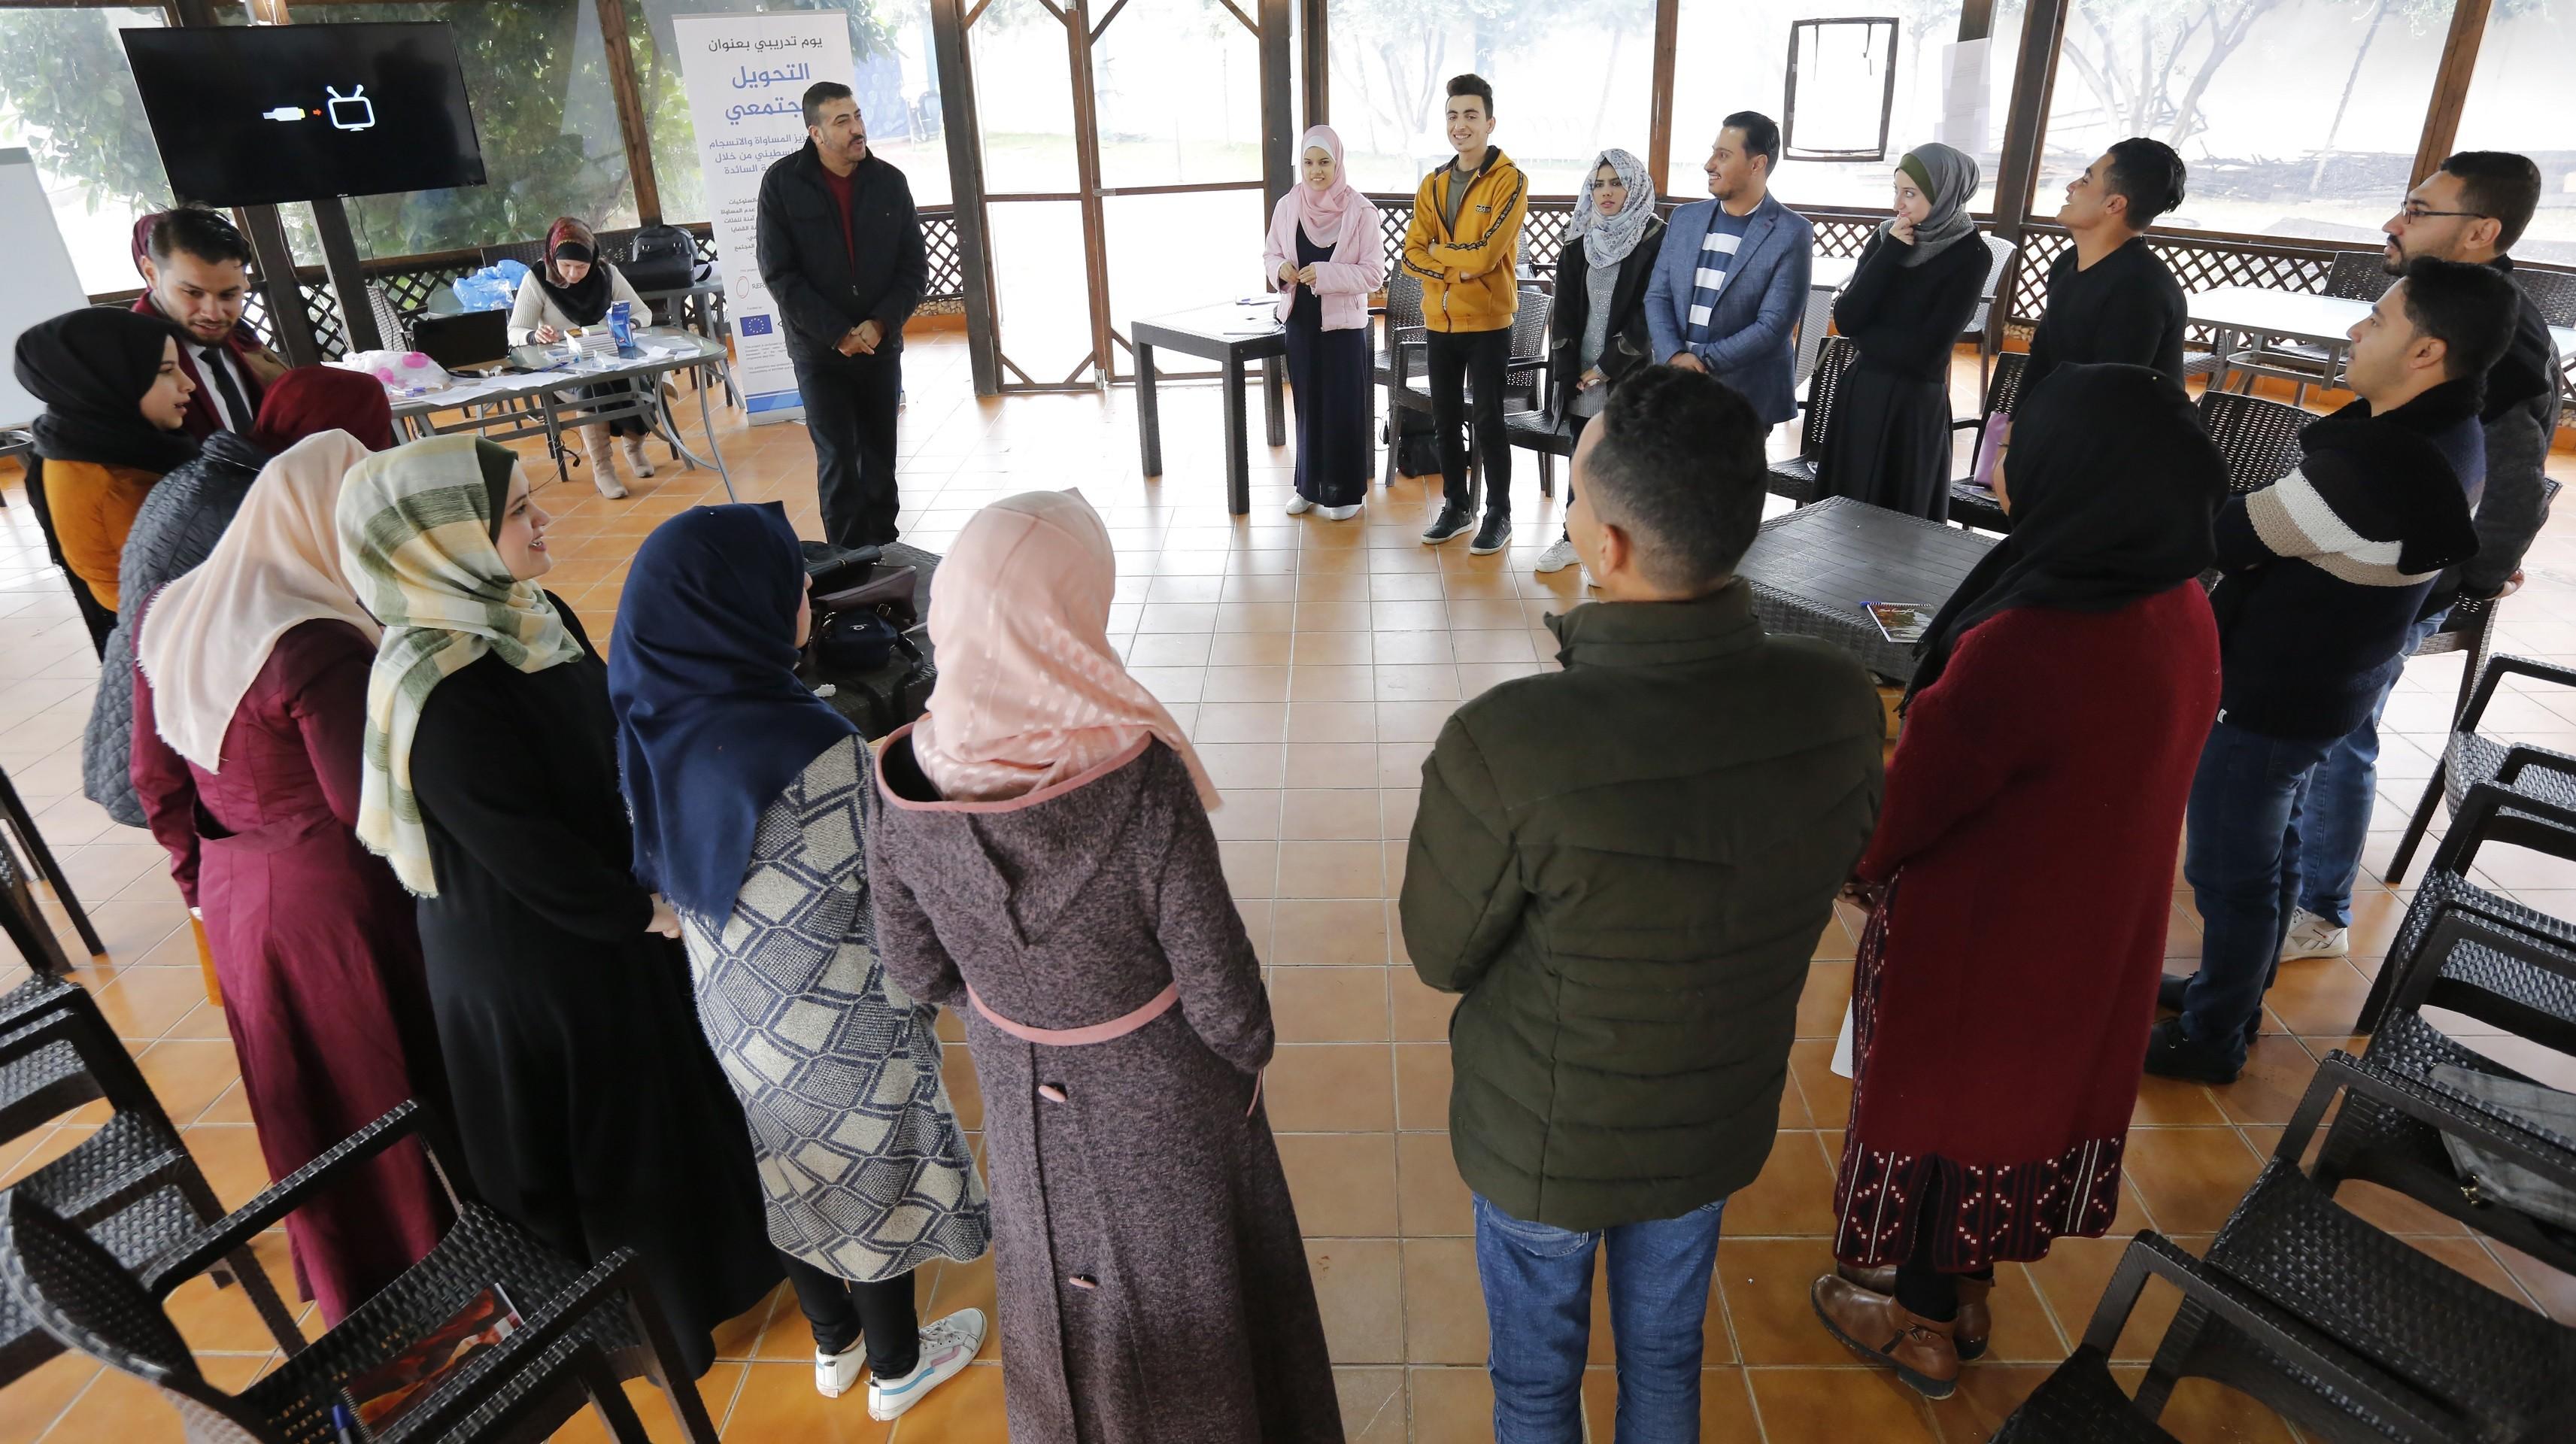 بيت الصحافة بالشراكة مع مؤسسة REFORM تنفذان يومًا تدريبيًا بعنوان التحويل المجتمعي